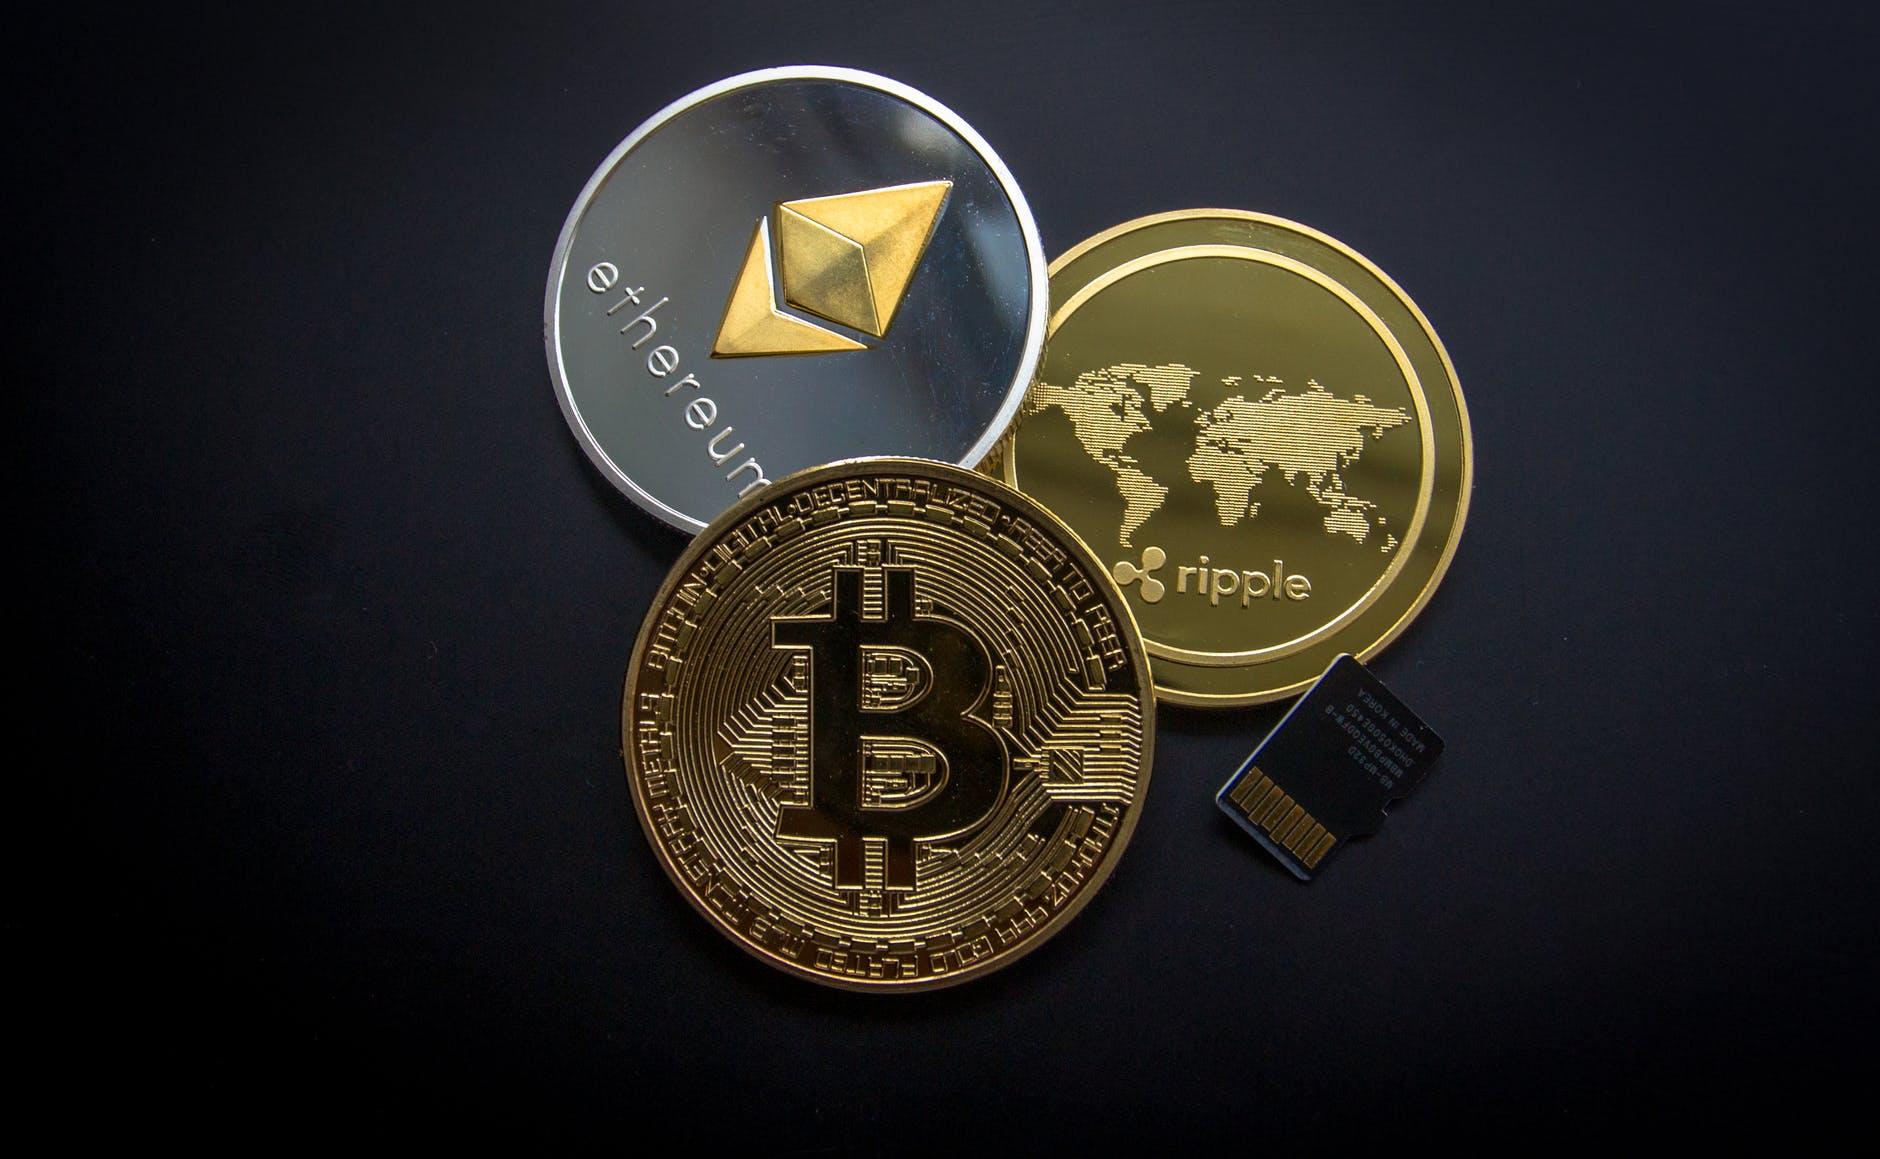 cripto valute